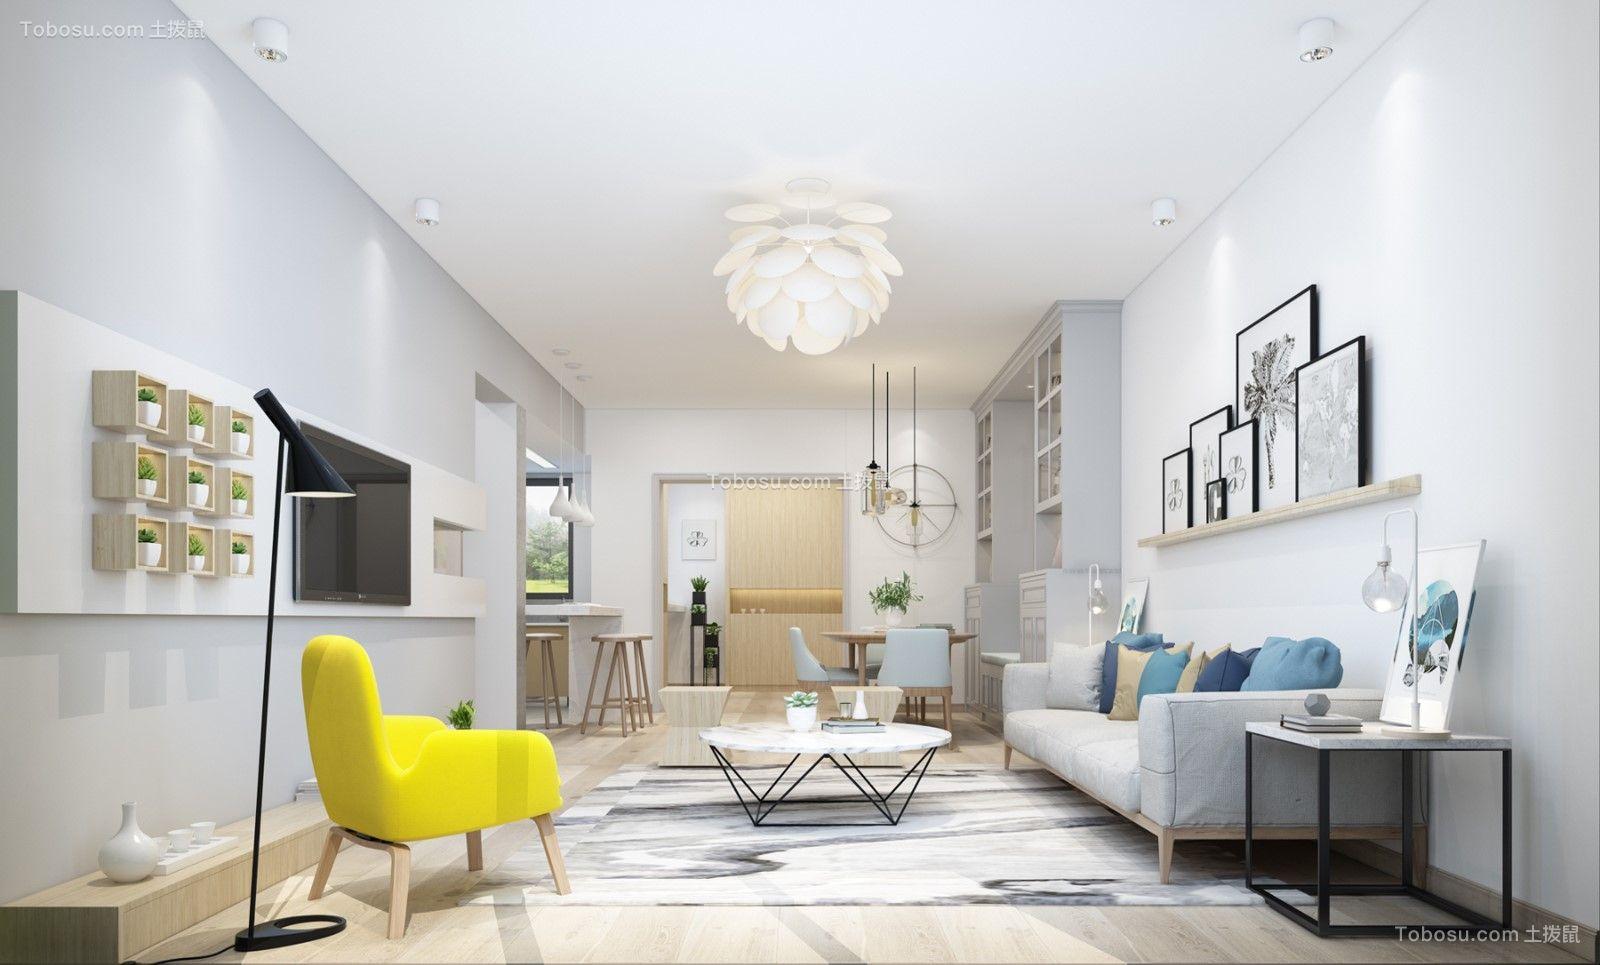 2019现代简约110平米装修设计2019现代简约四居室装修图怎么绘制气路图图片